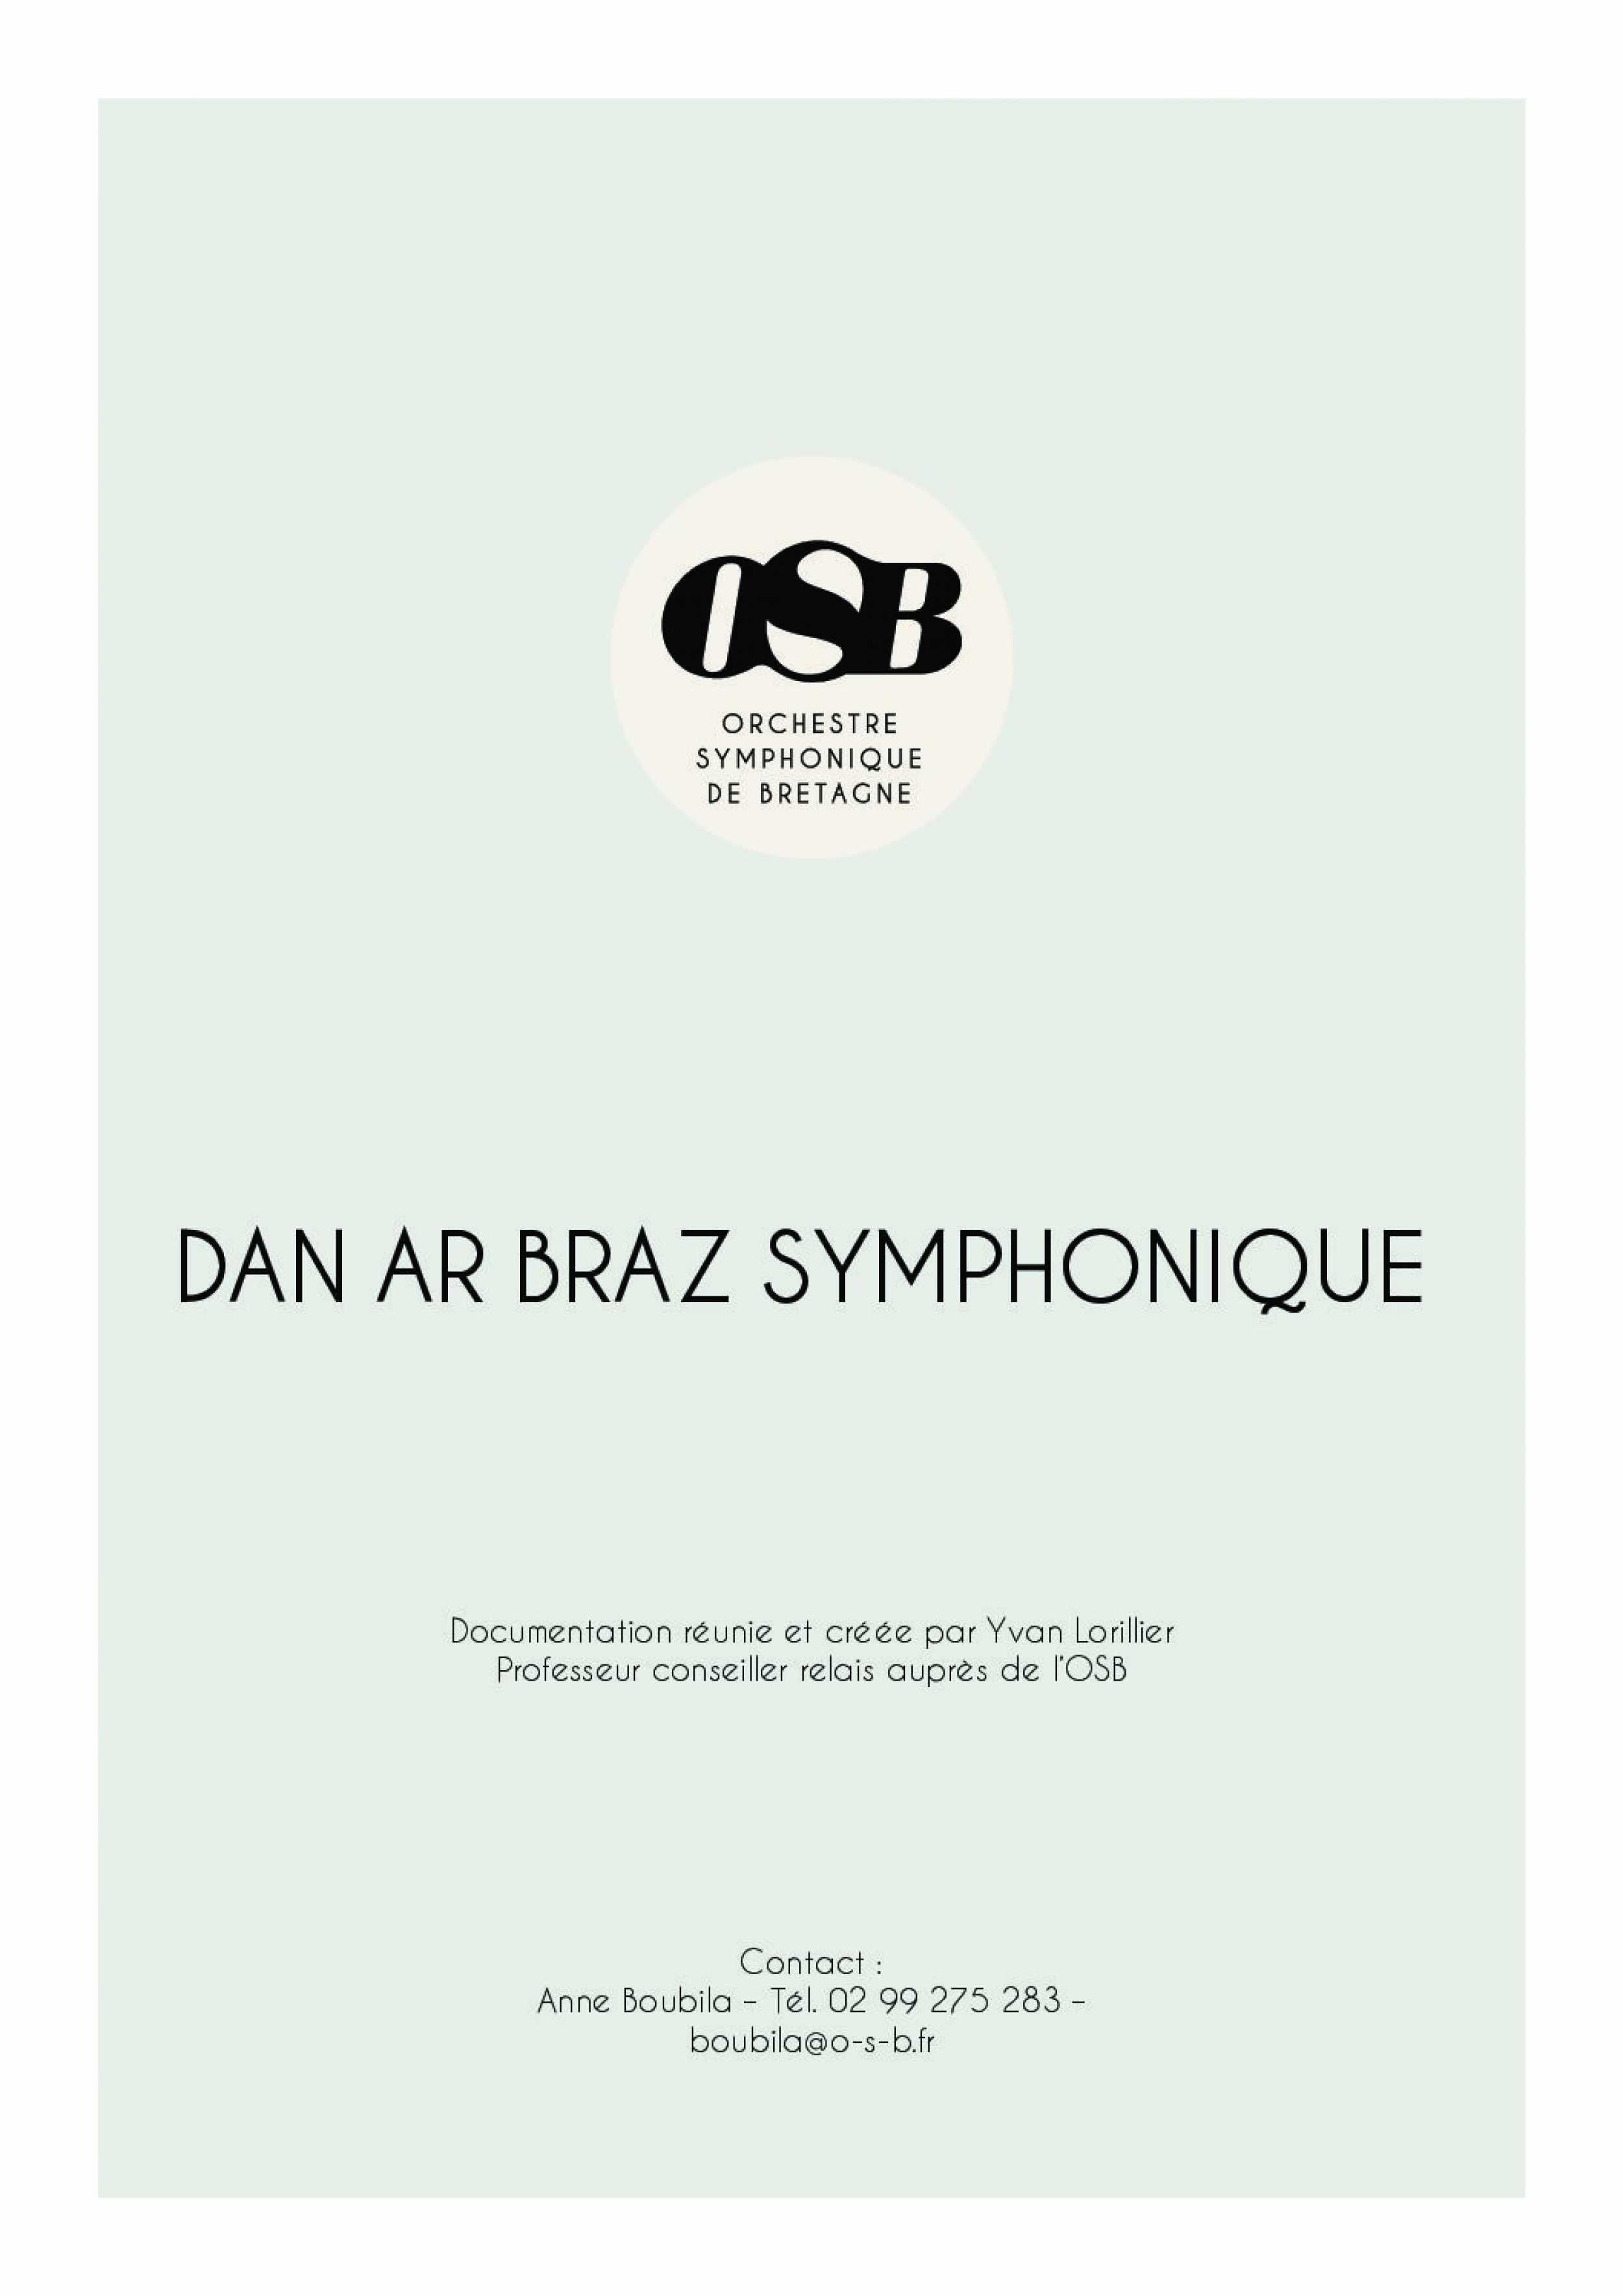 Dan_Ar_Braz